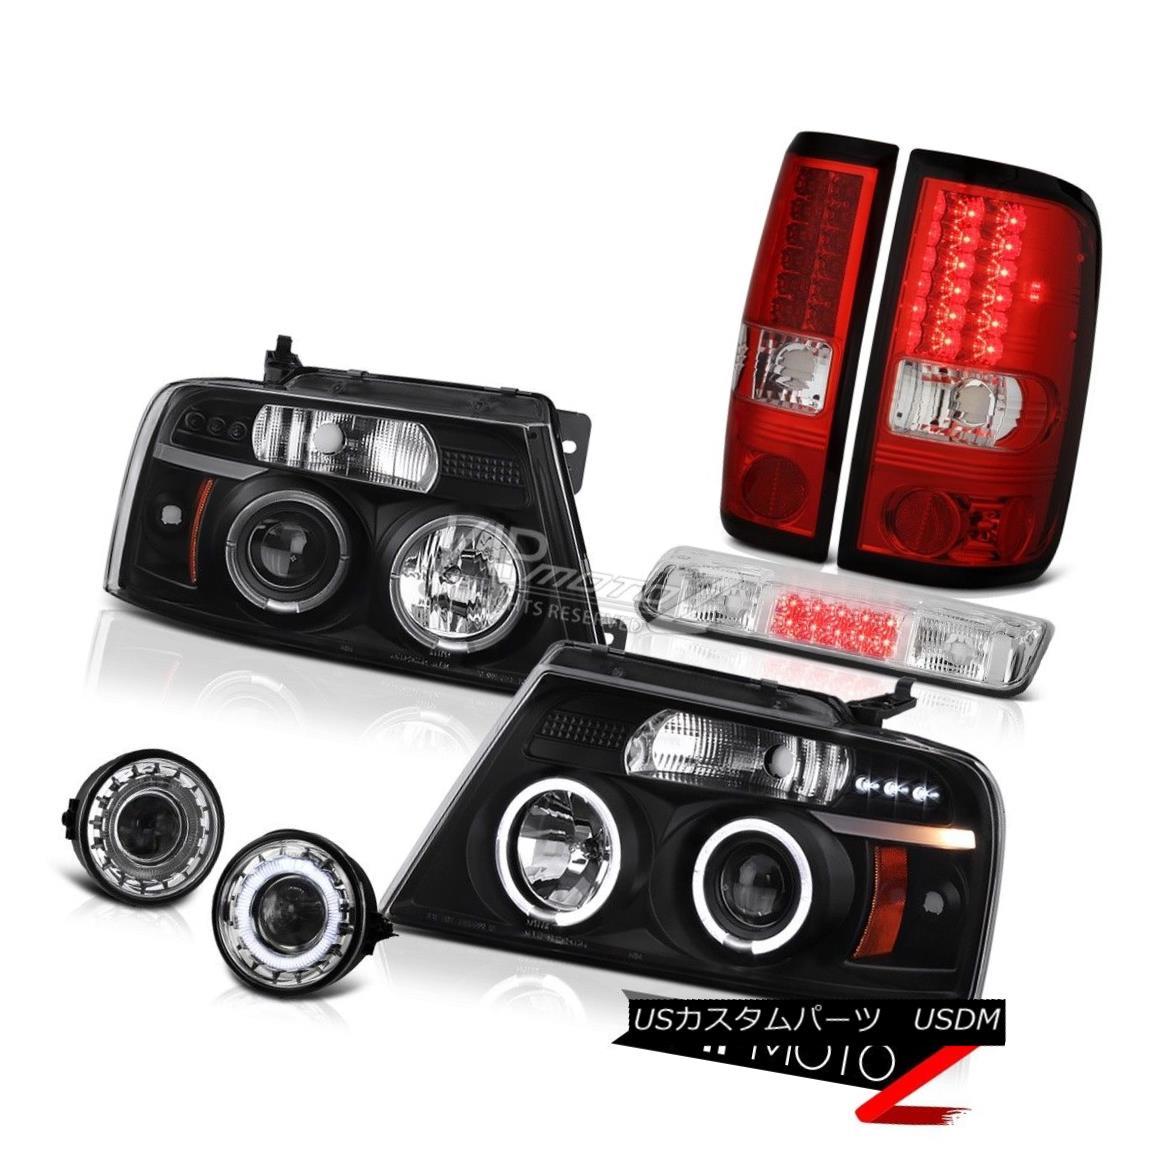 ヘッドライト 06-08 Ford F150 FX4 Foglights Roof Cab Lamp Black Headlamps Red Tail Lights LED 06-08 Ford F150 FX4フォグライトルーフキャブランプブラックヘッドランプレッドテールライトLED